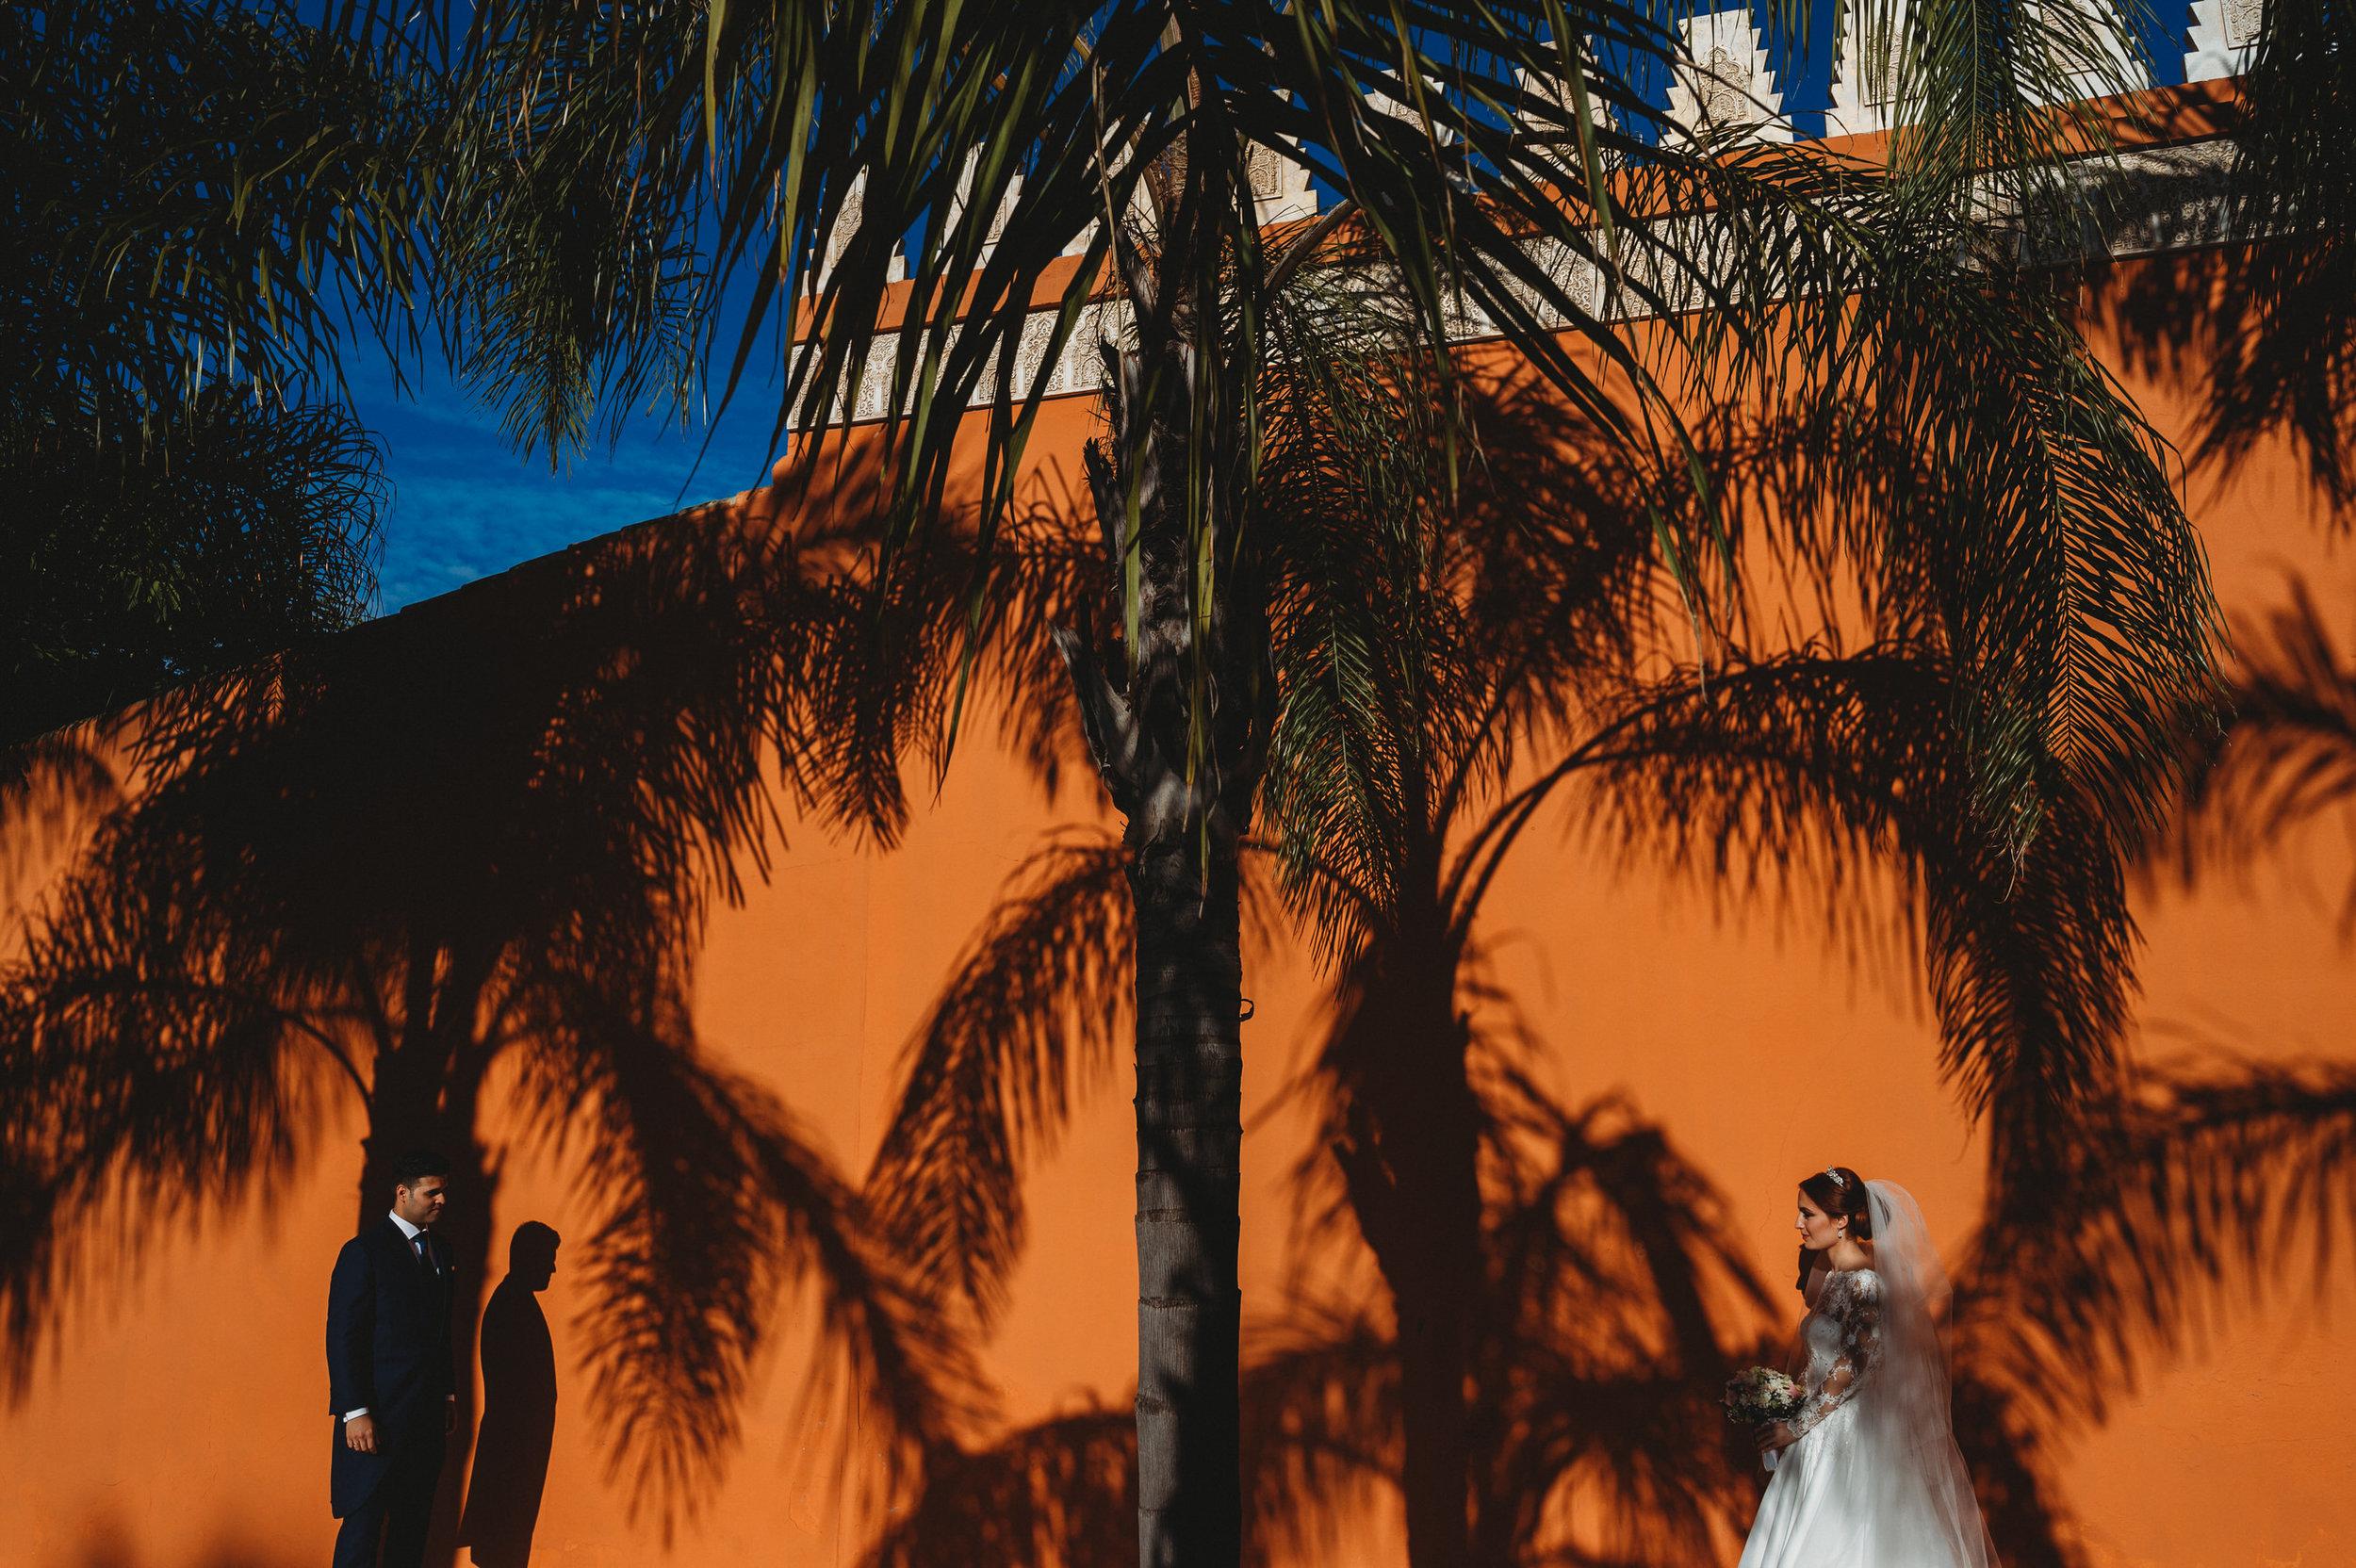 Andrés+Amarillo+fotografo+boda+Utrera+Dos+Hermanas+Santa+Maria+la+blanca+albaraca+Ivan+Campaña+los+tumbao (15).JPG